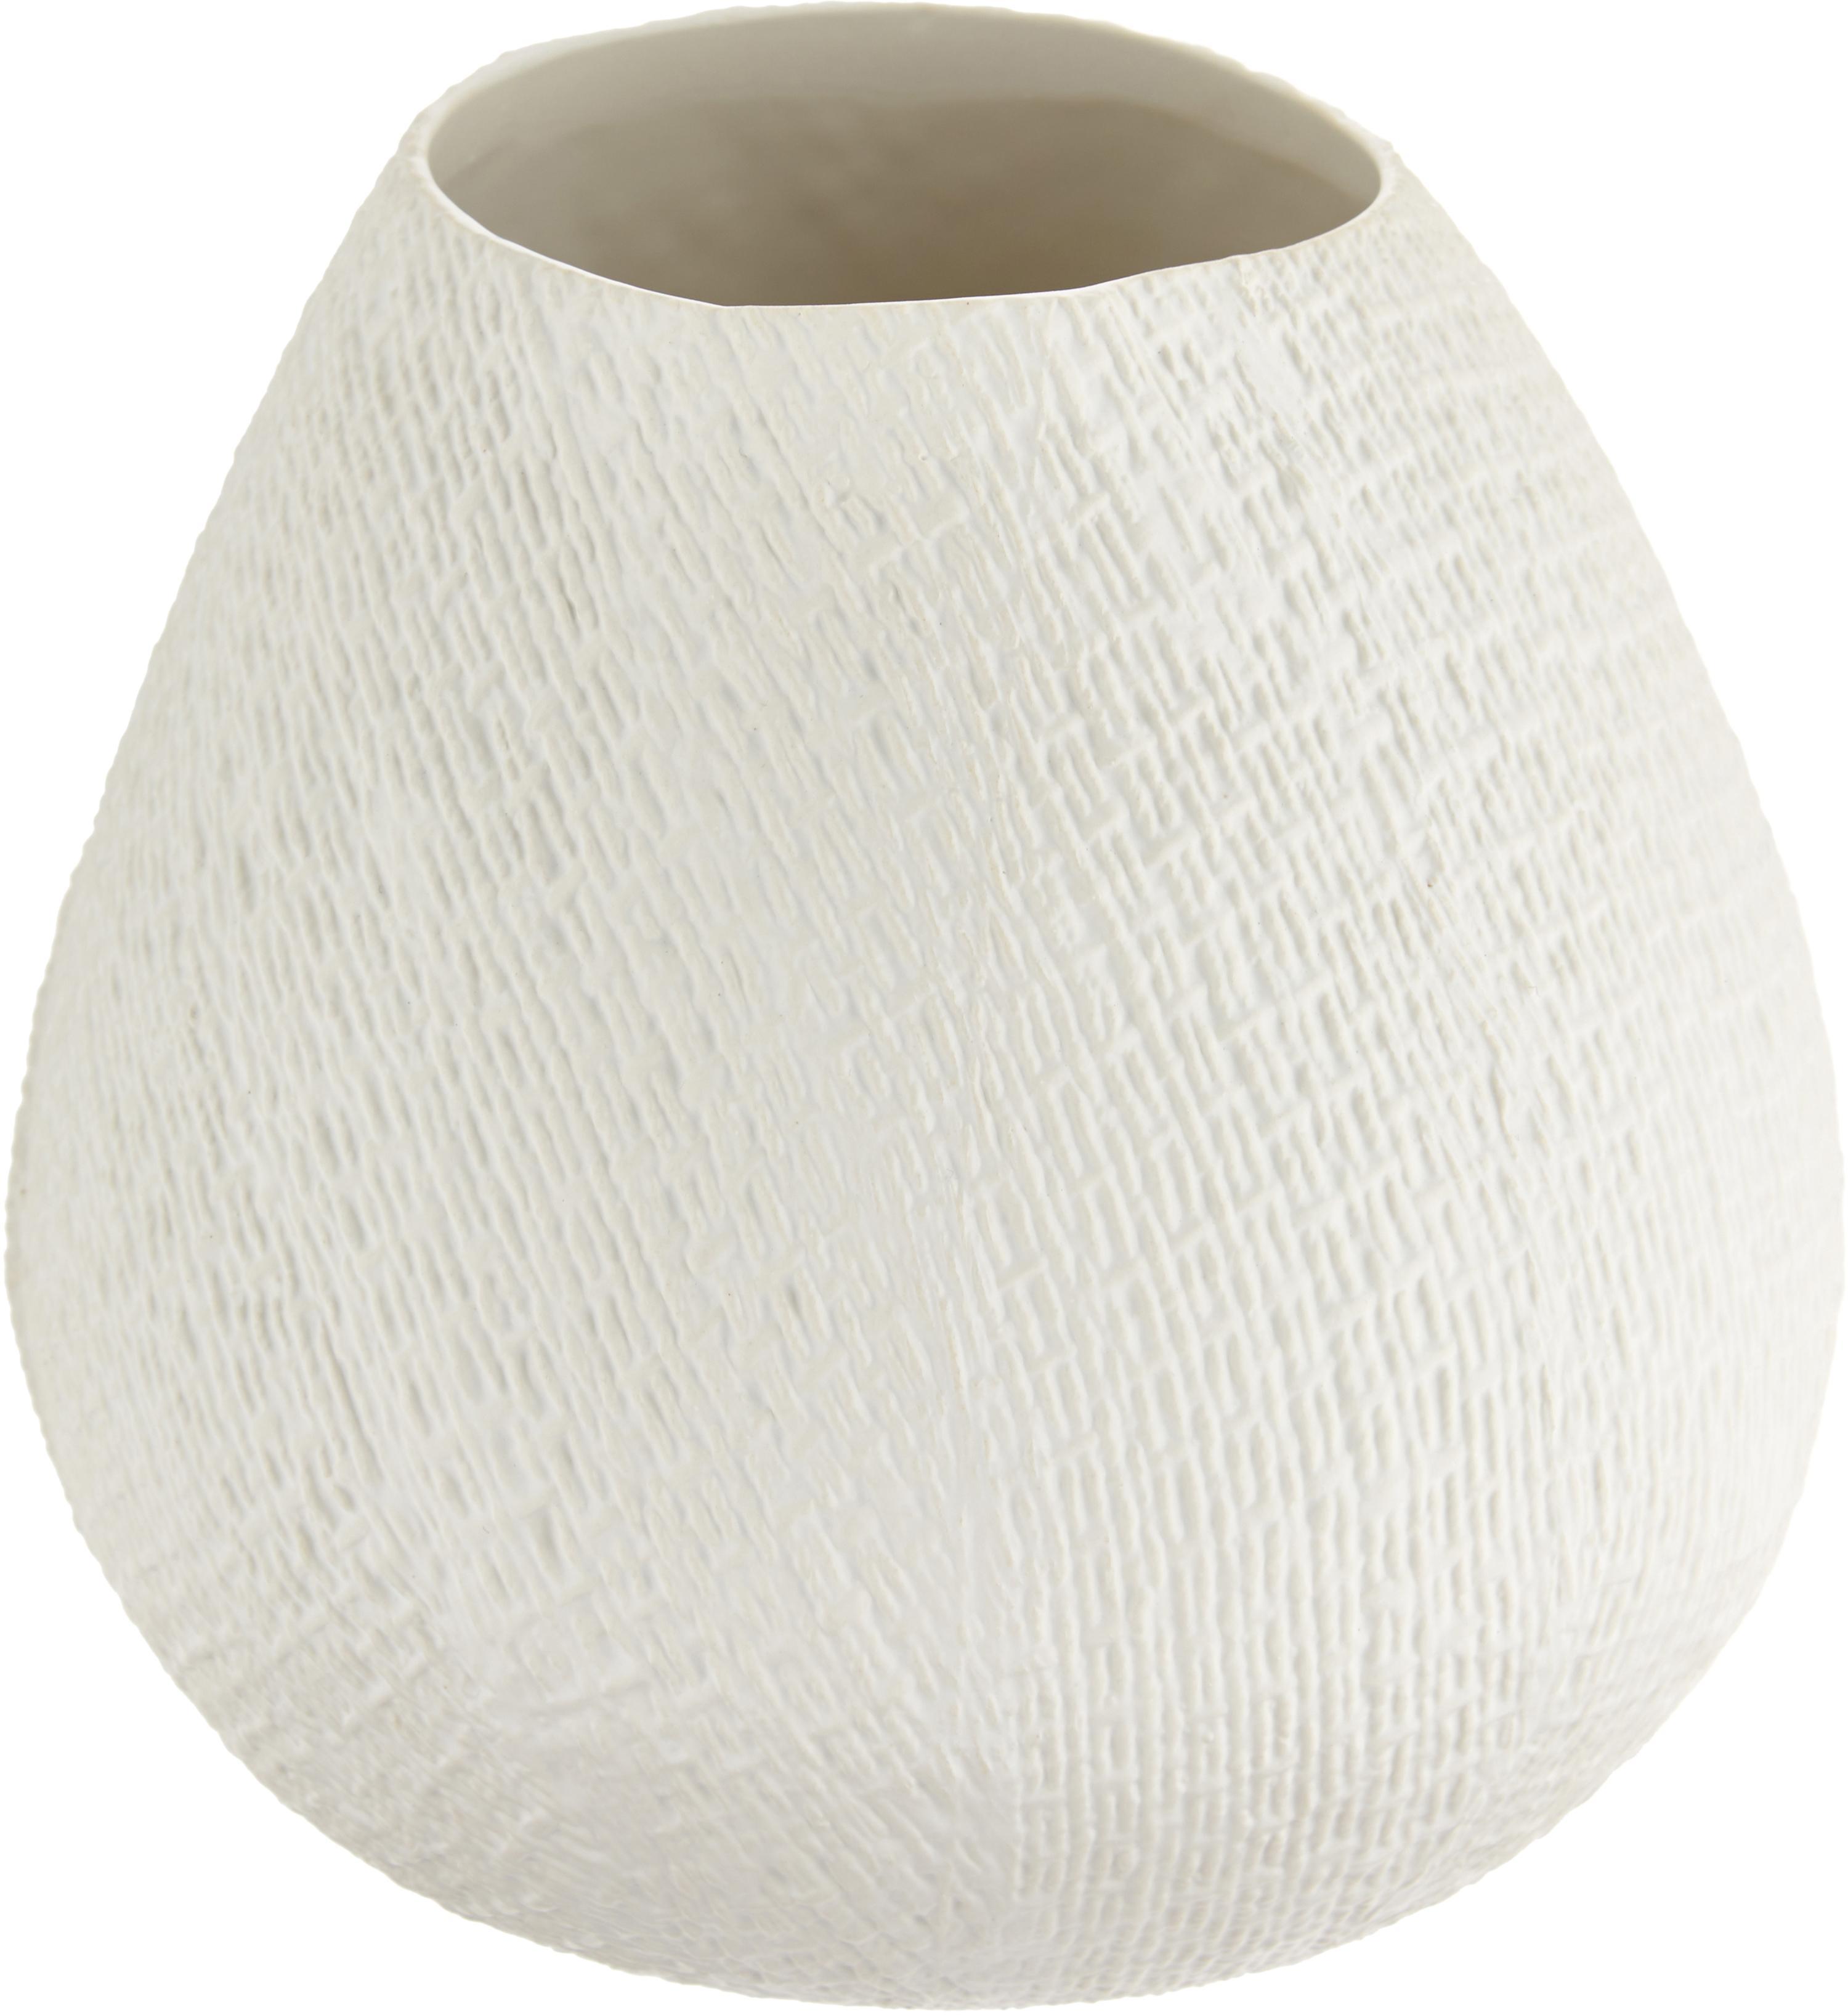 Handgemachte Vase Wendy, Keramik, Cremeweiß, matt, ∅ 19 x H 20 cm